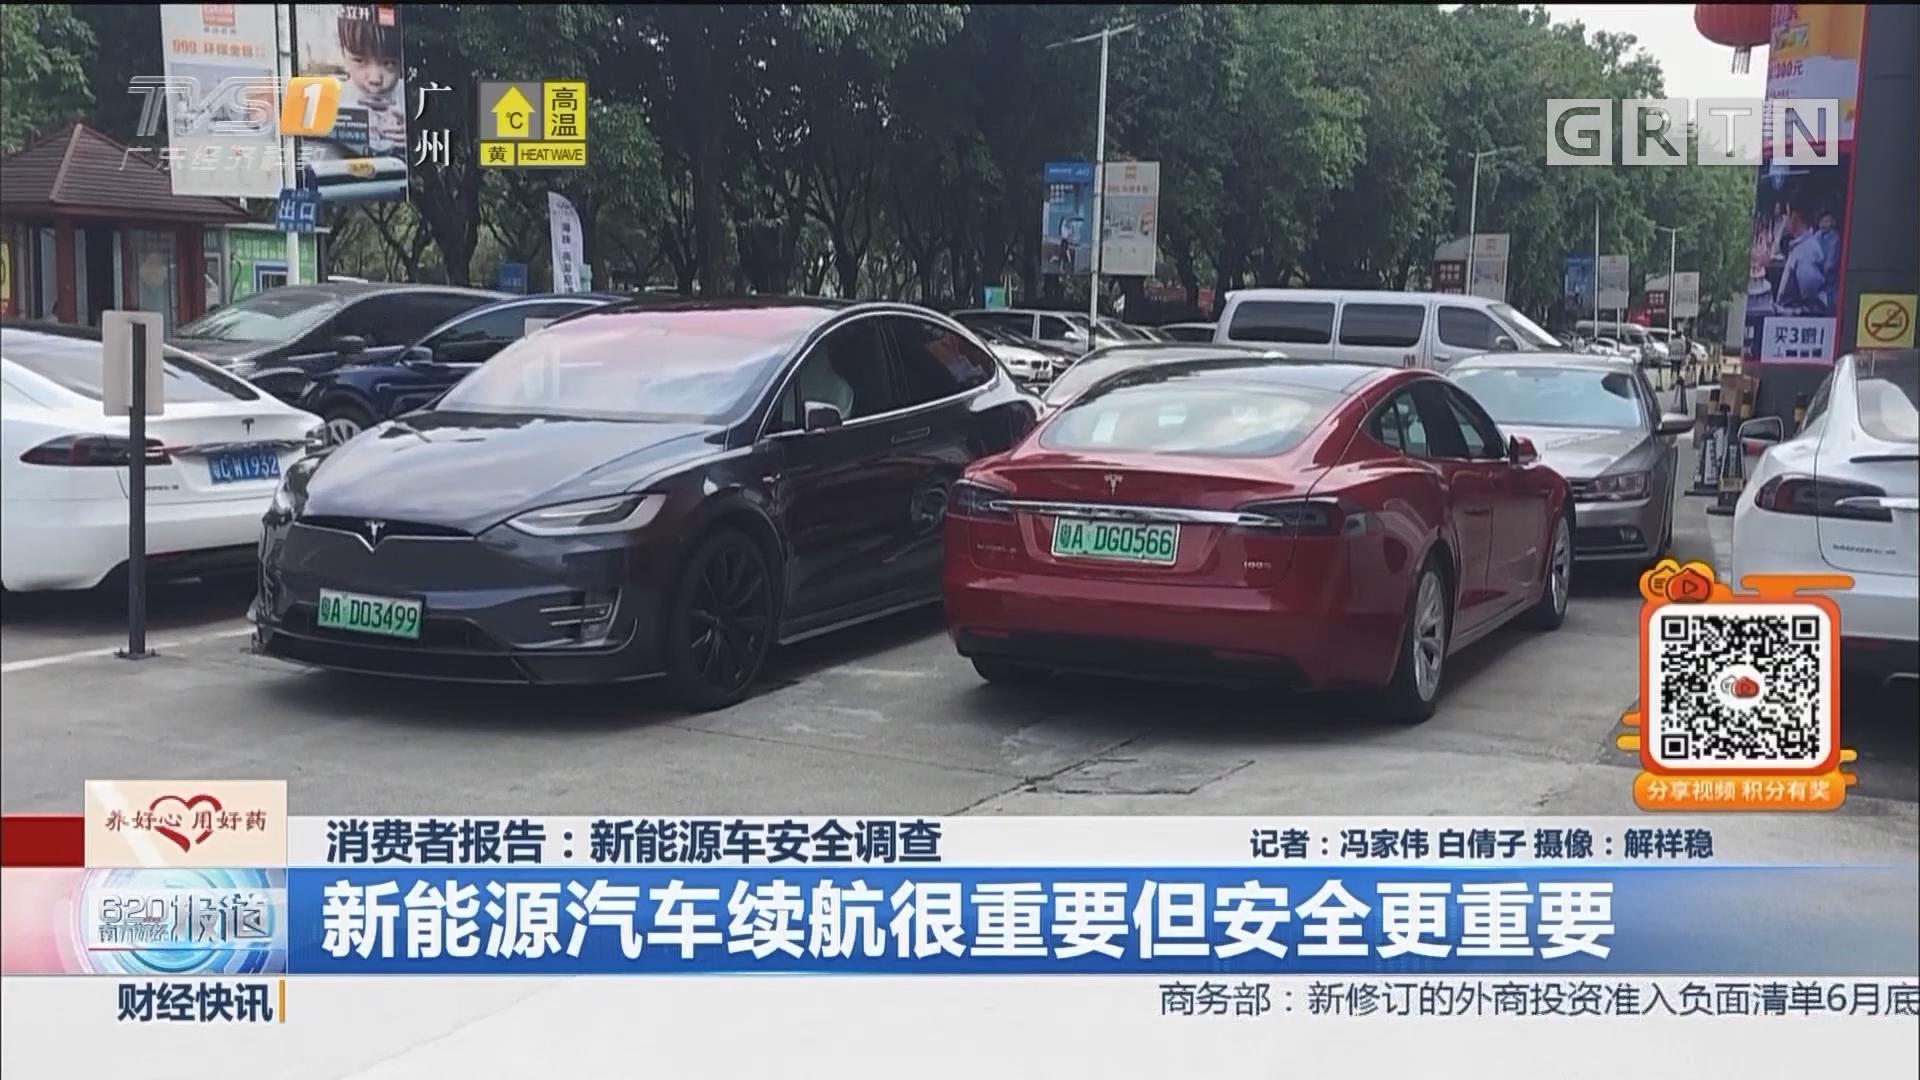 消费者报告:新能源车安全调查 新能源汽车续航很重要但安全更重要